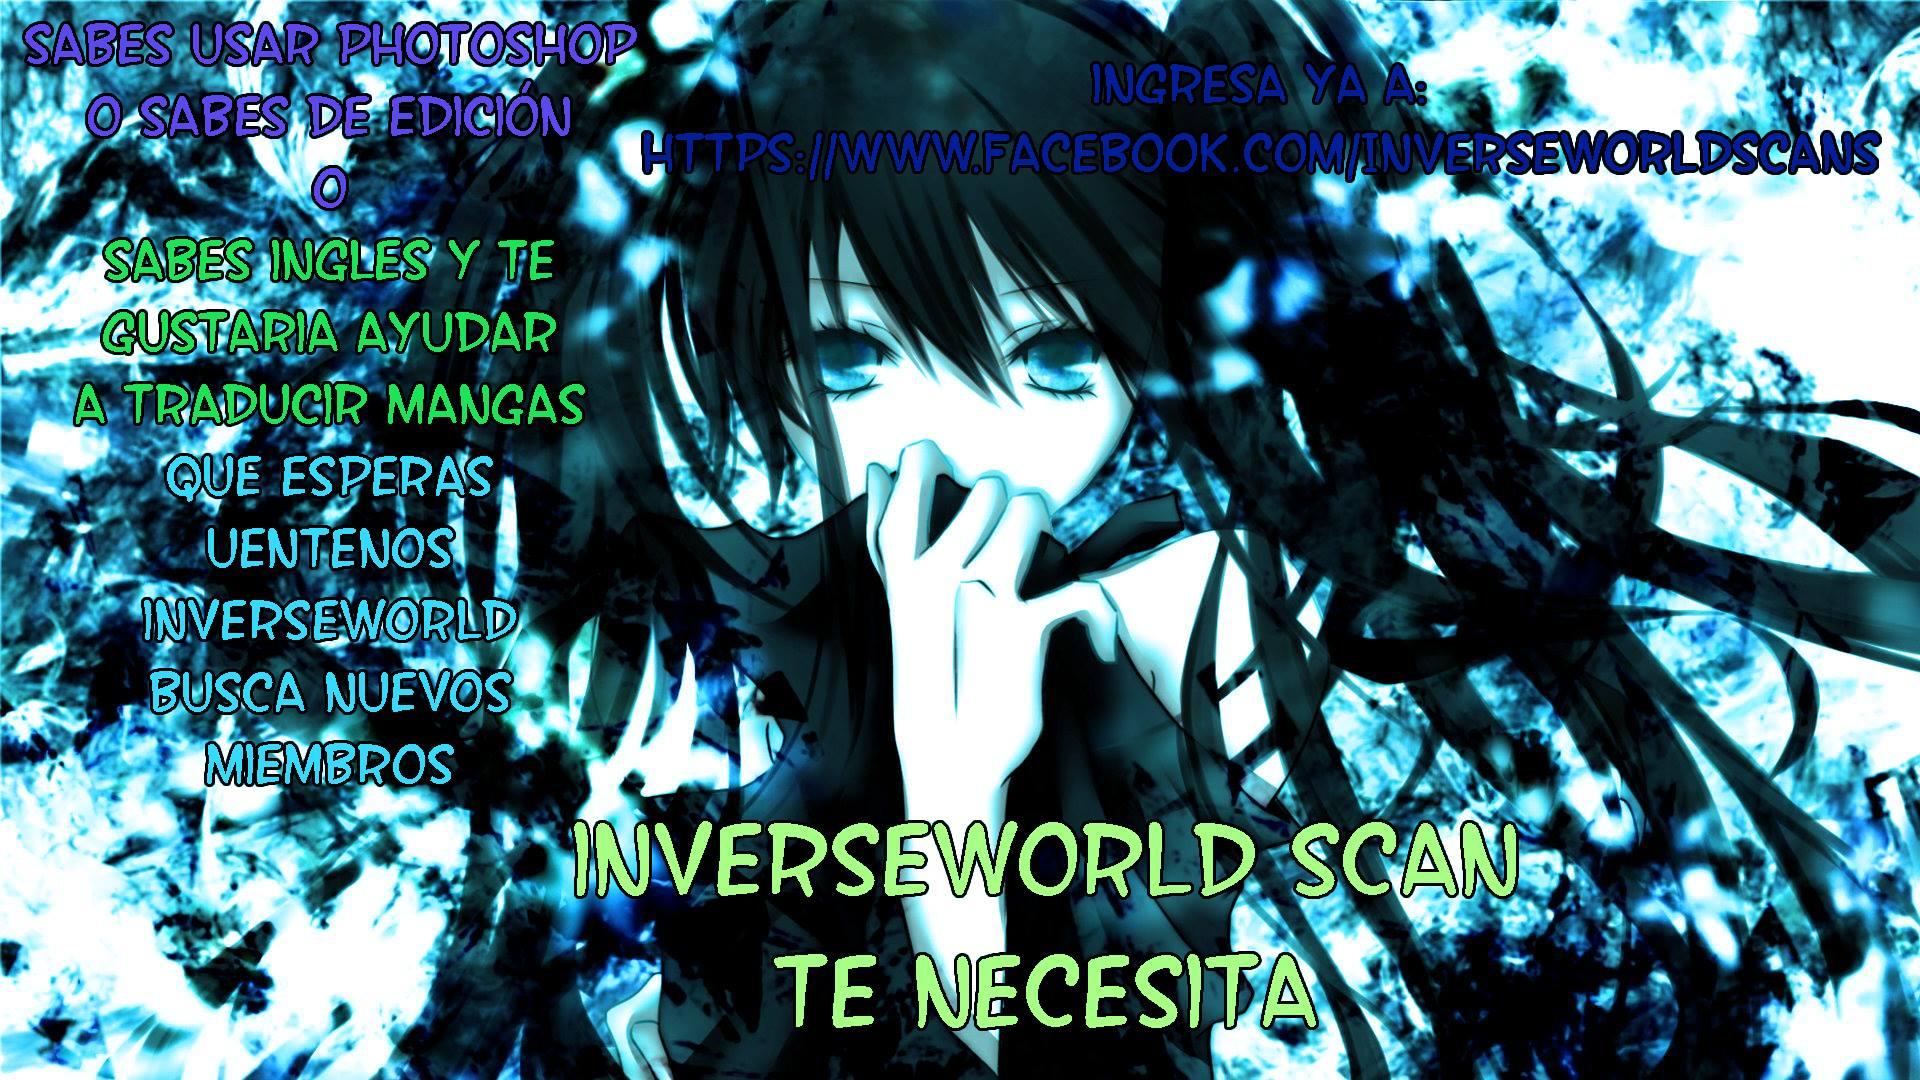 https://c5.mangatag.com/es_manga/10/14602/395557/286b775e6c3f04c049ef2cac8a5eadb0.jpg Page 2